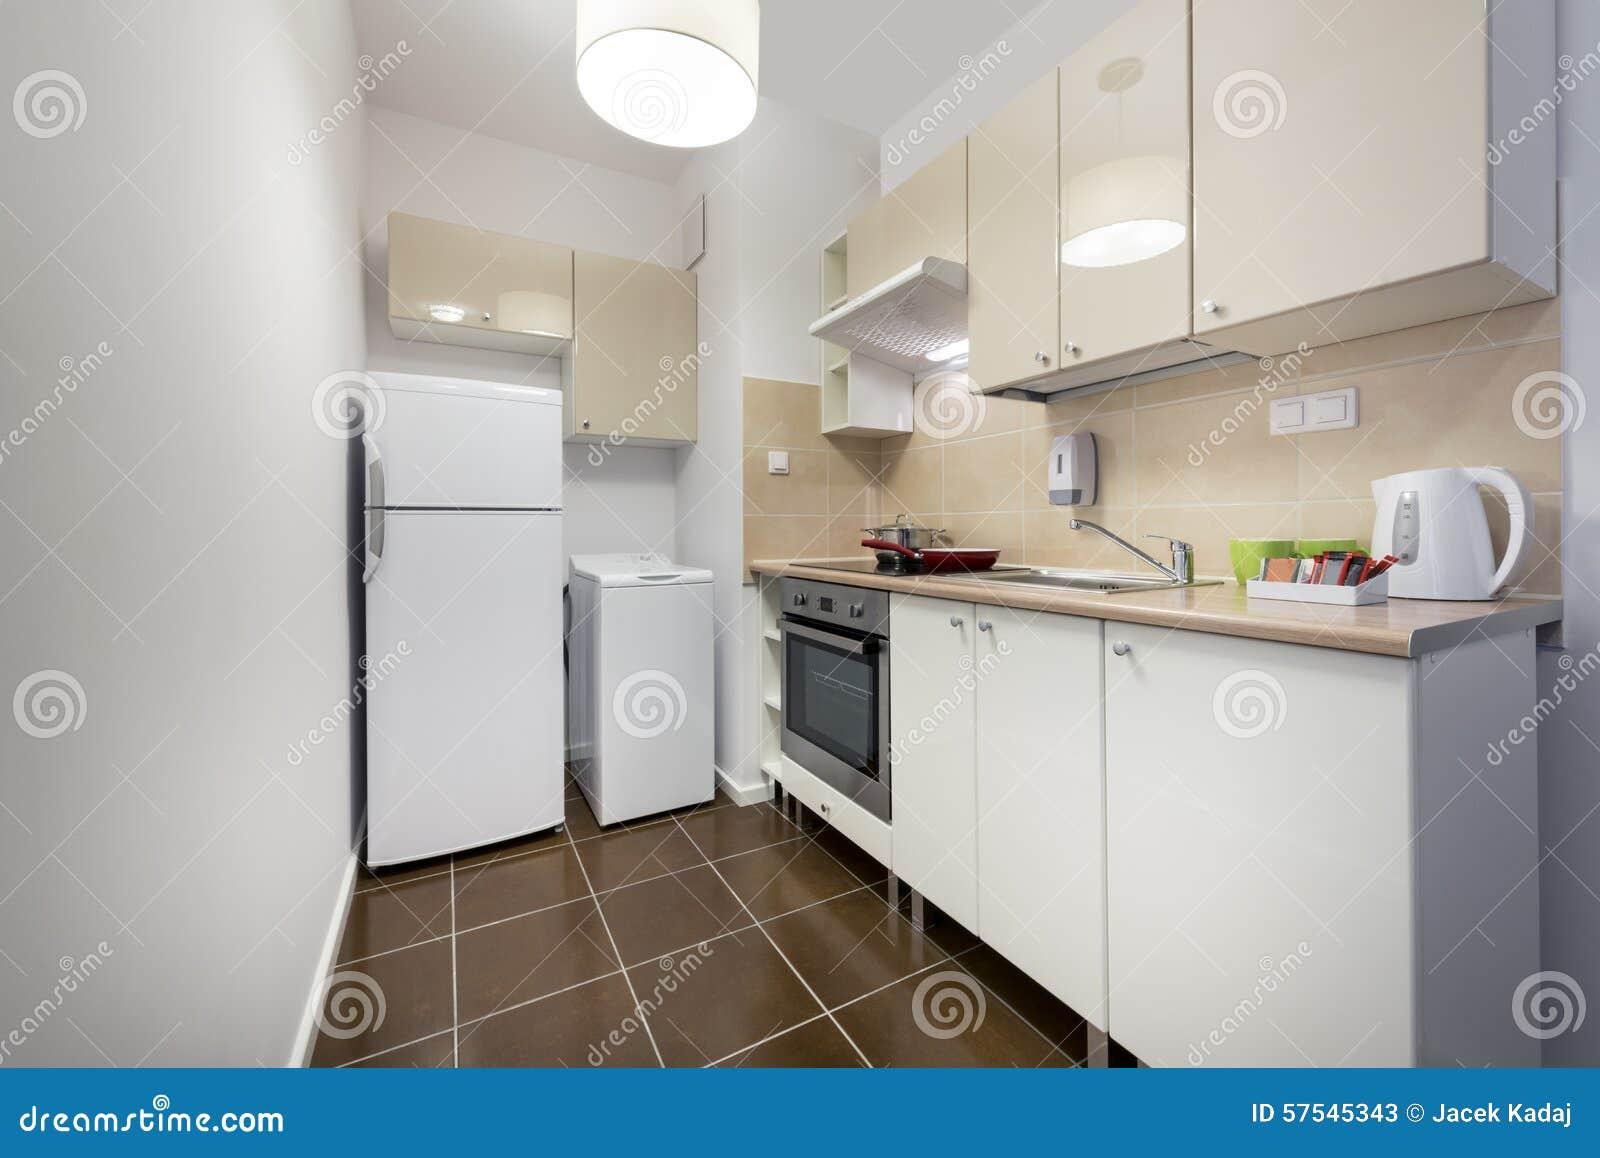 Diseño Interior De La Cocina Blanca, Pequeña Y Compacta Imagen de ...